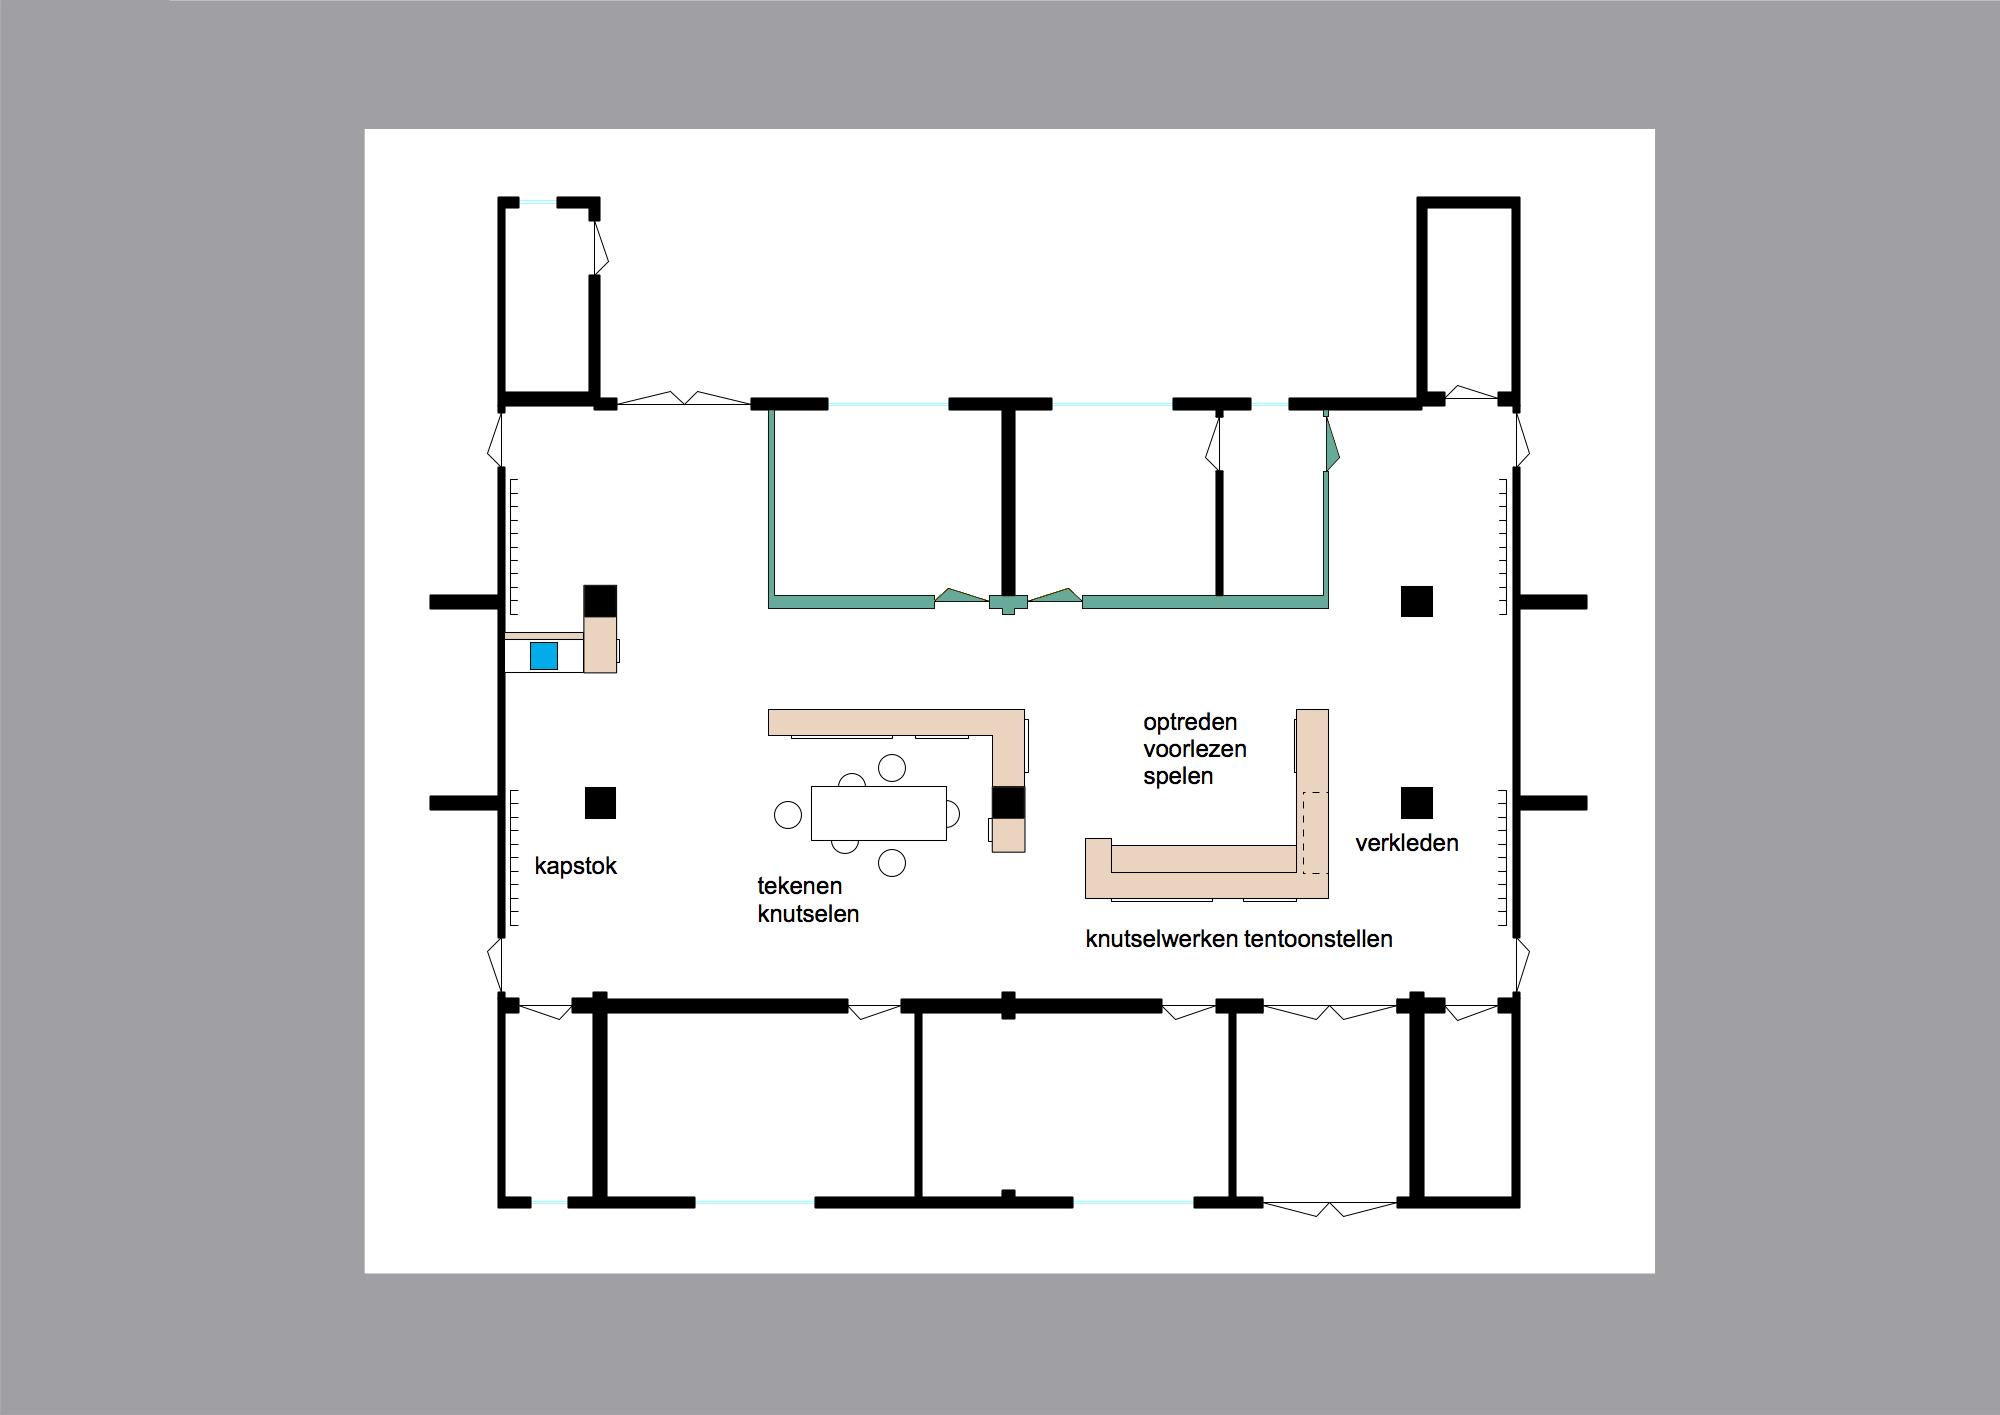 plattegrond van interieurontwerp voor kinderdagverblijf